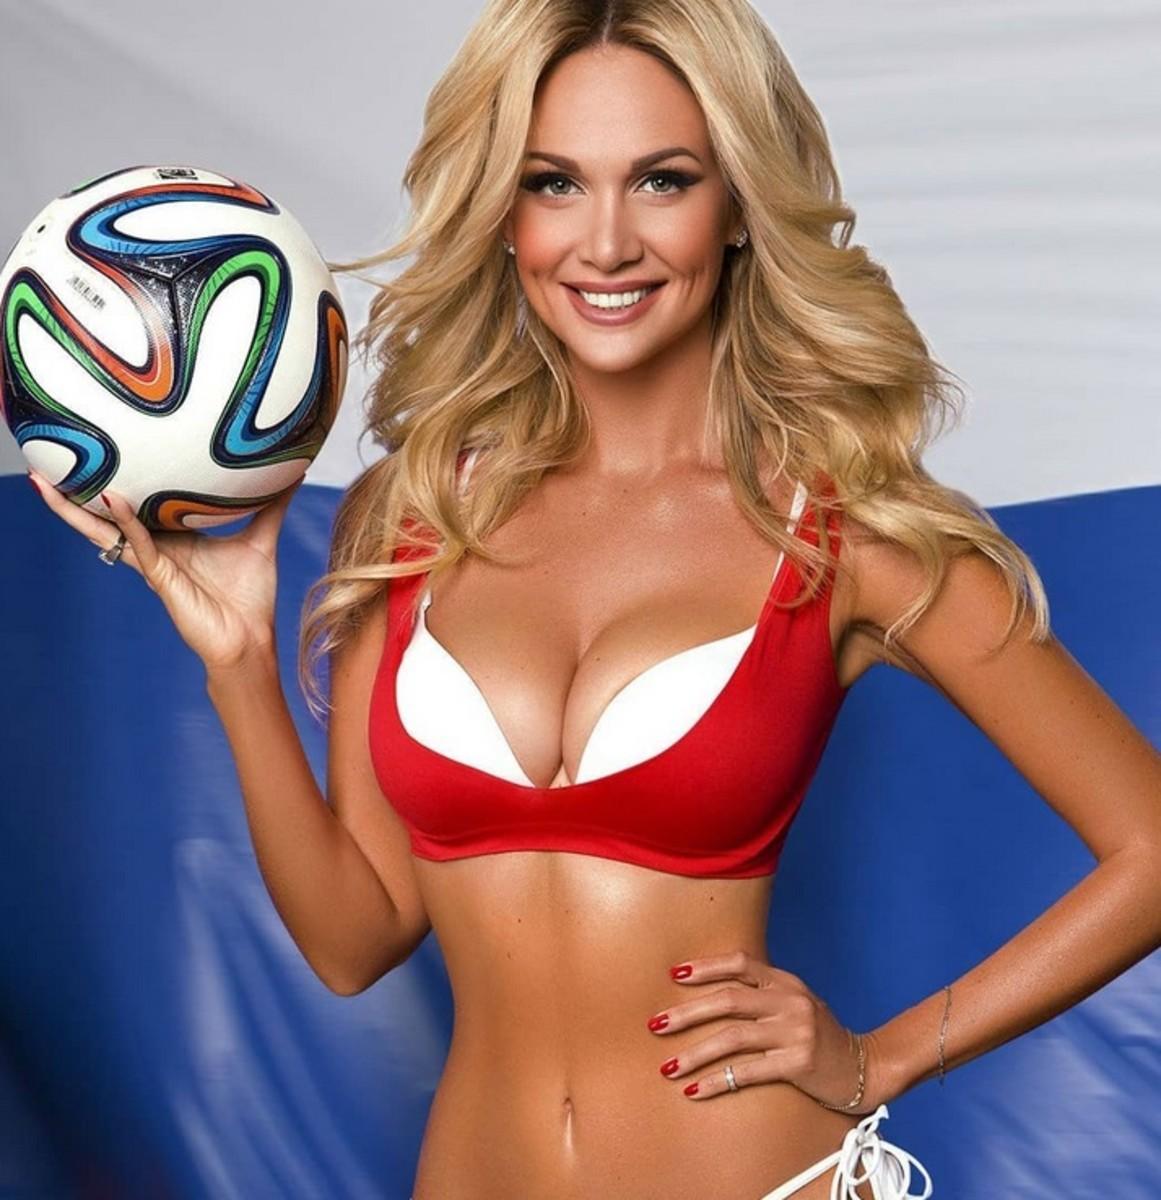 Hoa hậu Nga reo hò khi đội chủ nhà vào tứ kết World Cup